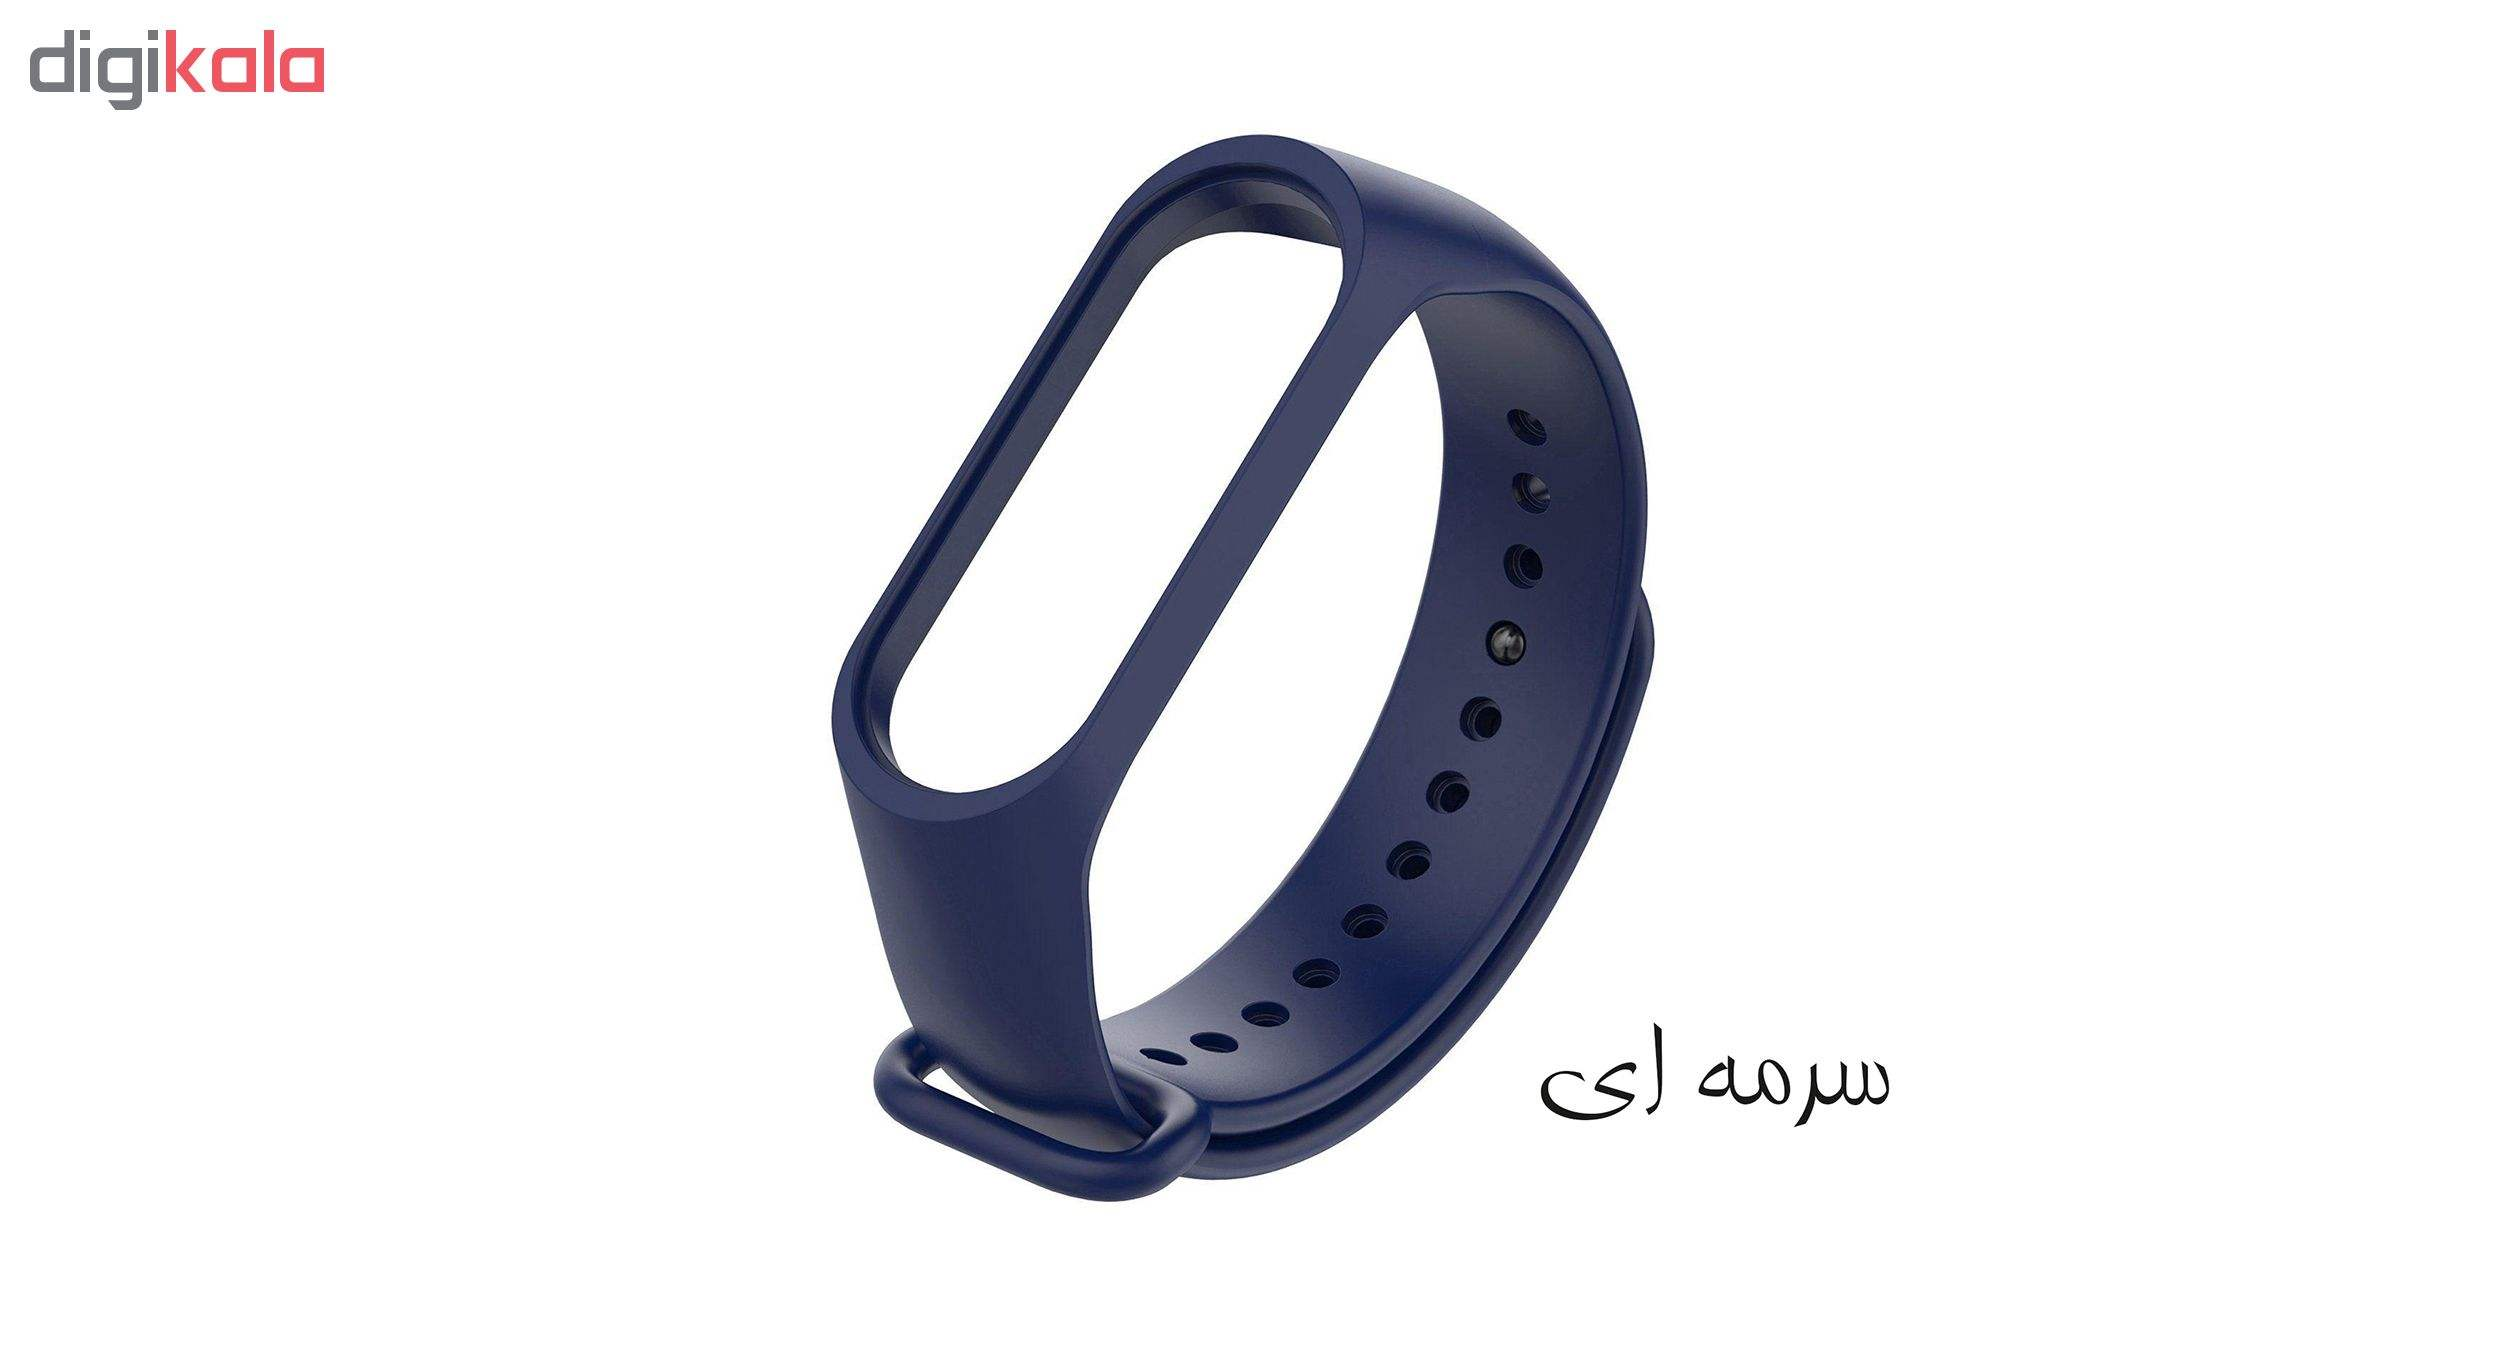 بند مچ بند هوشمند سومگ مدل SMG-S1 مناسب برای مچ بند هوشمند شیائومی Mi Band 3 و M3 main 1 4